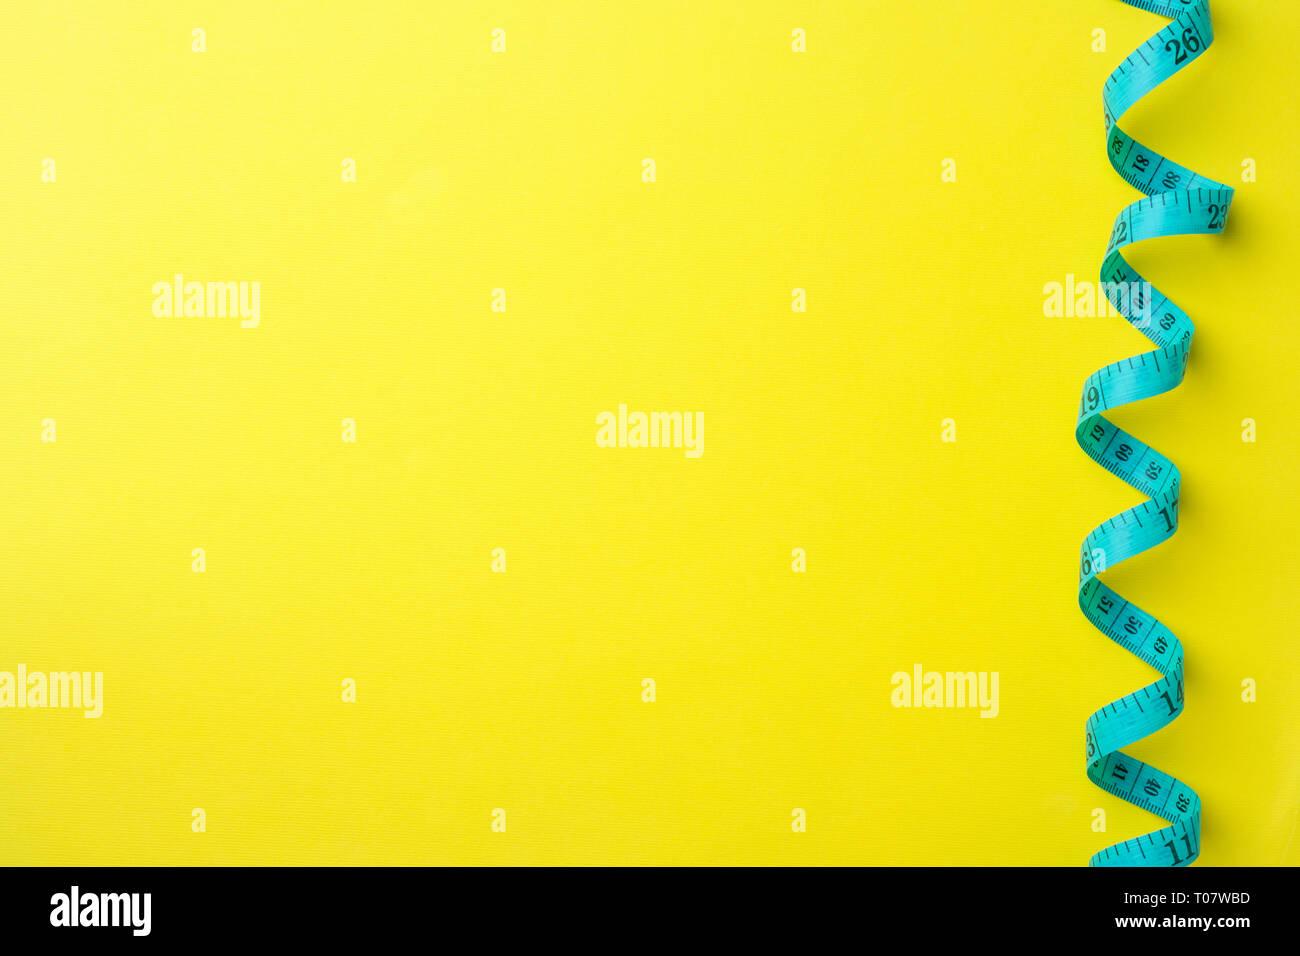 Regla centímetro plegada con compartimientos de medición sobre un fondo amarillo. Artesanía y confección concepto. Espacio de copia Foto de stock